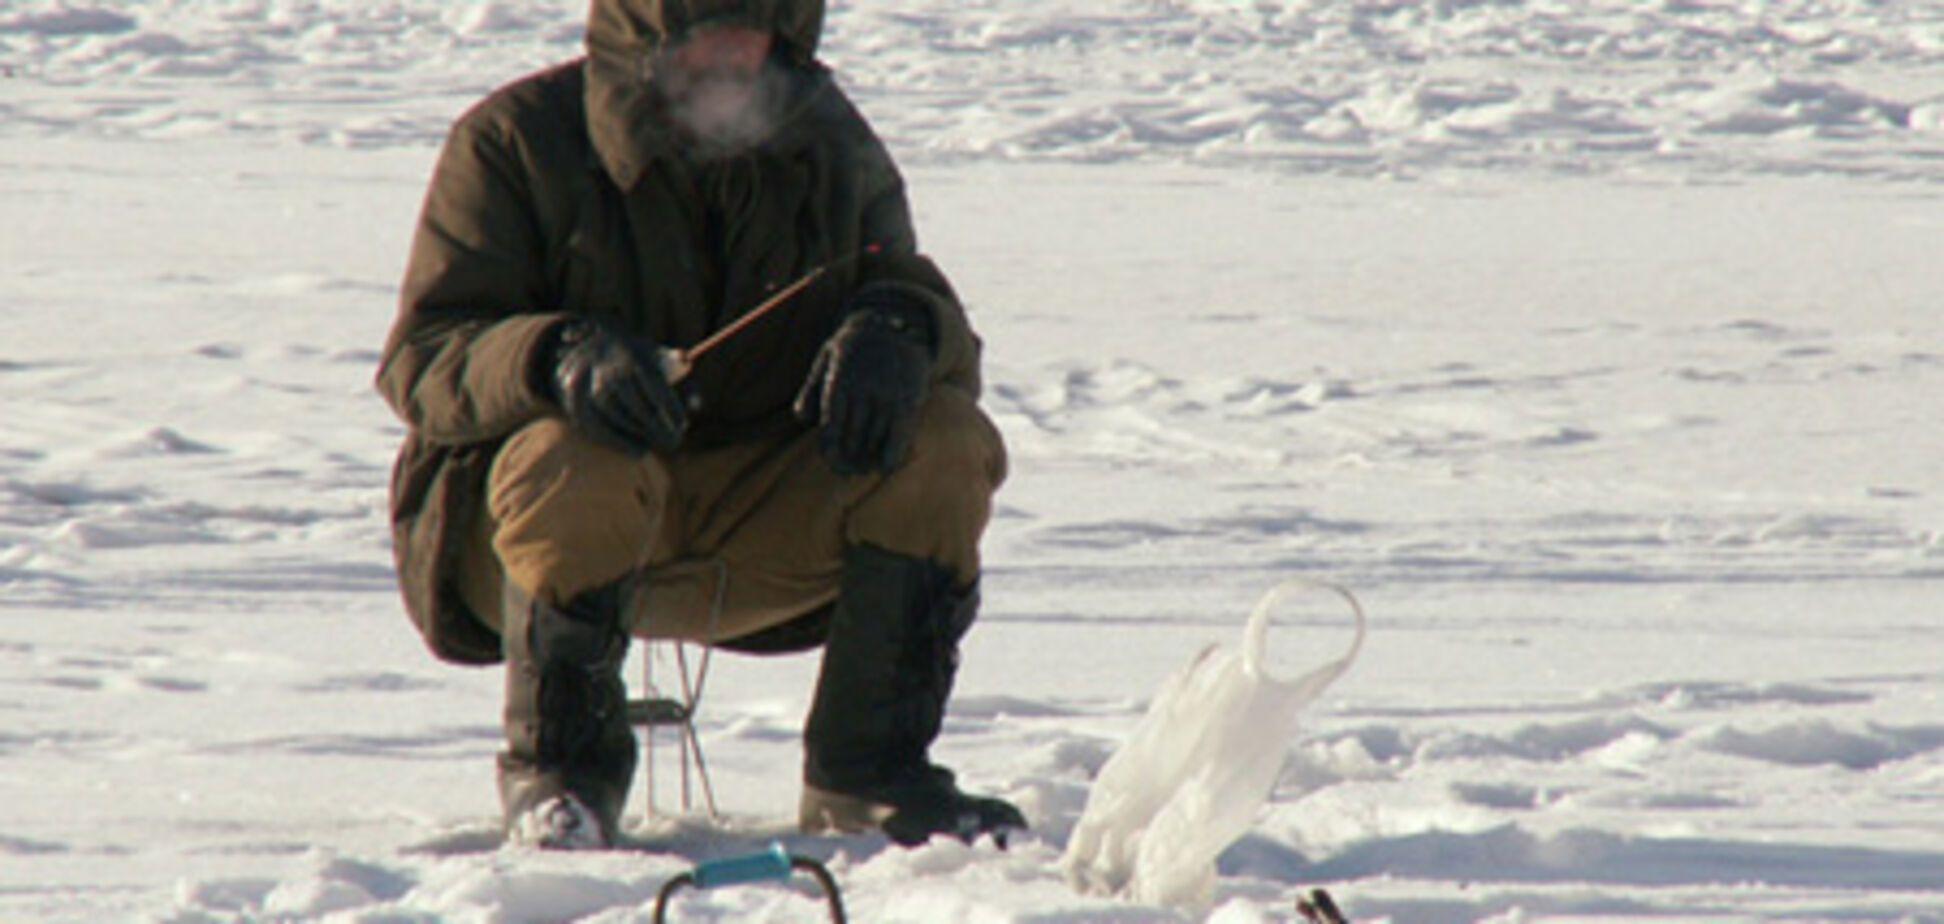 В Киеве мужчина ловил рыбу, а поймал велосипед